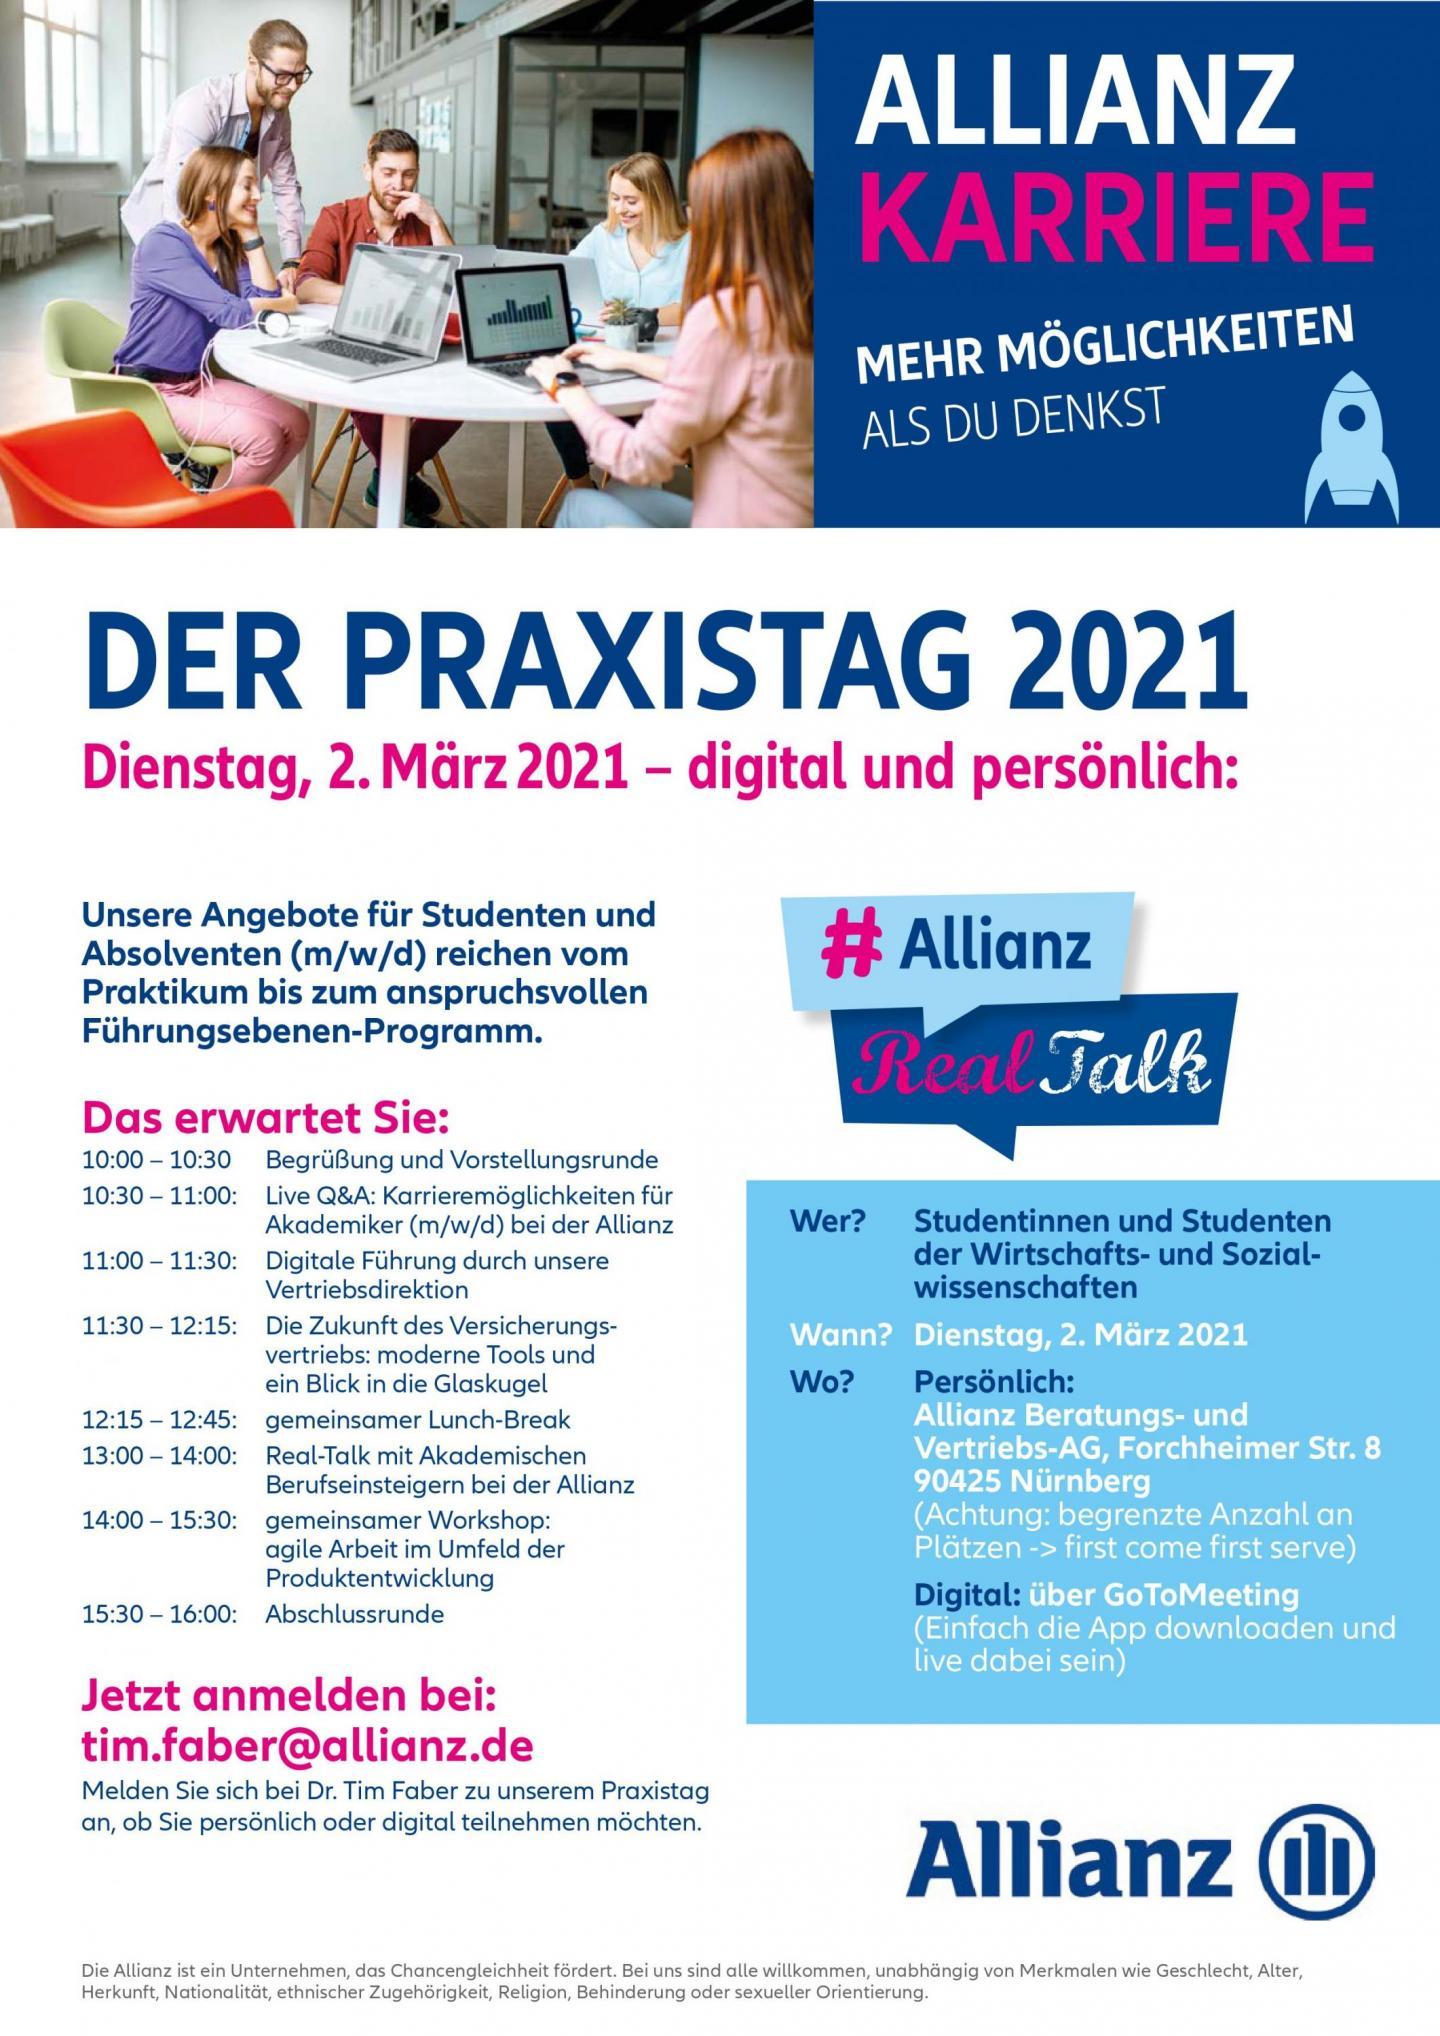 Der Praxistag 2021